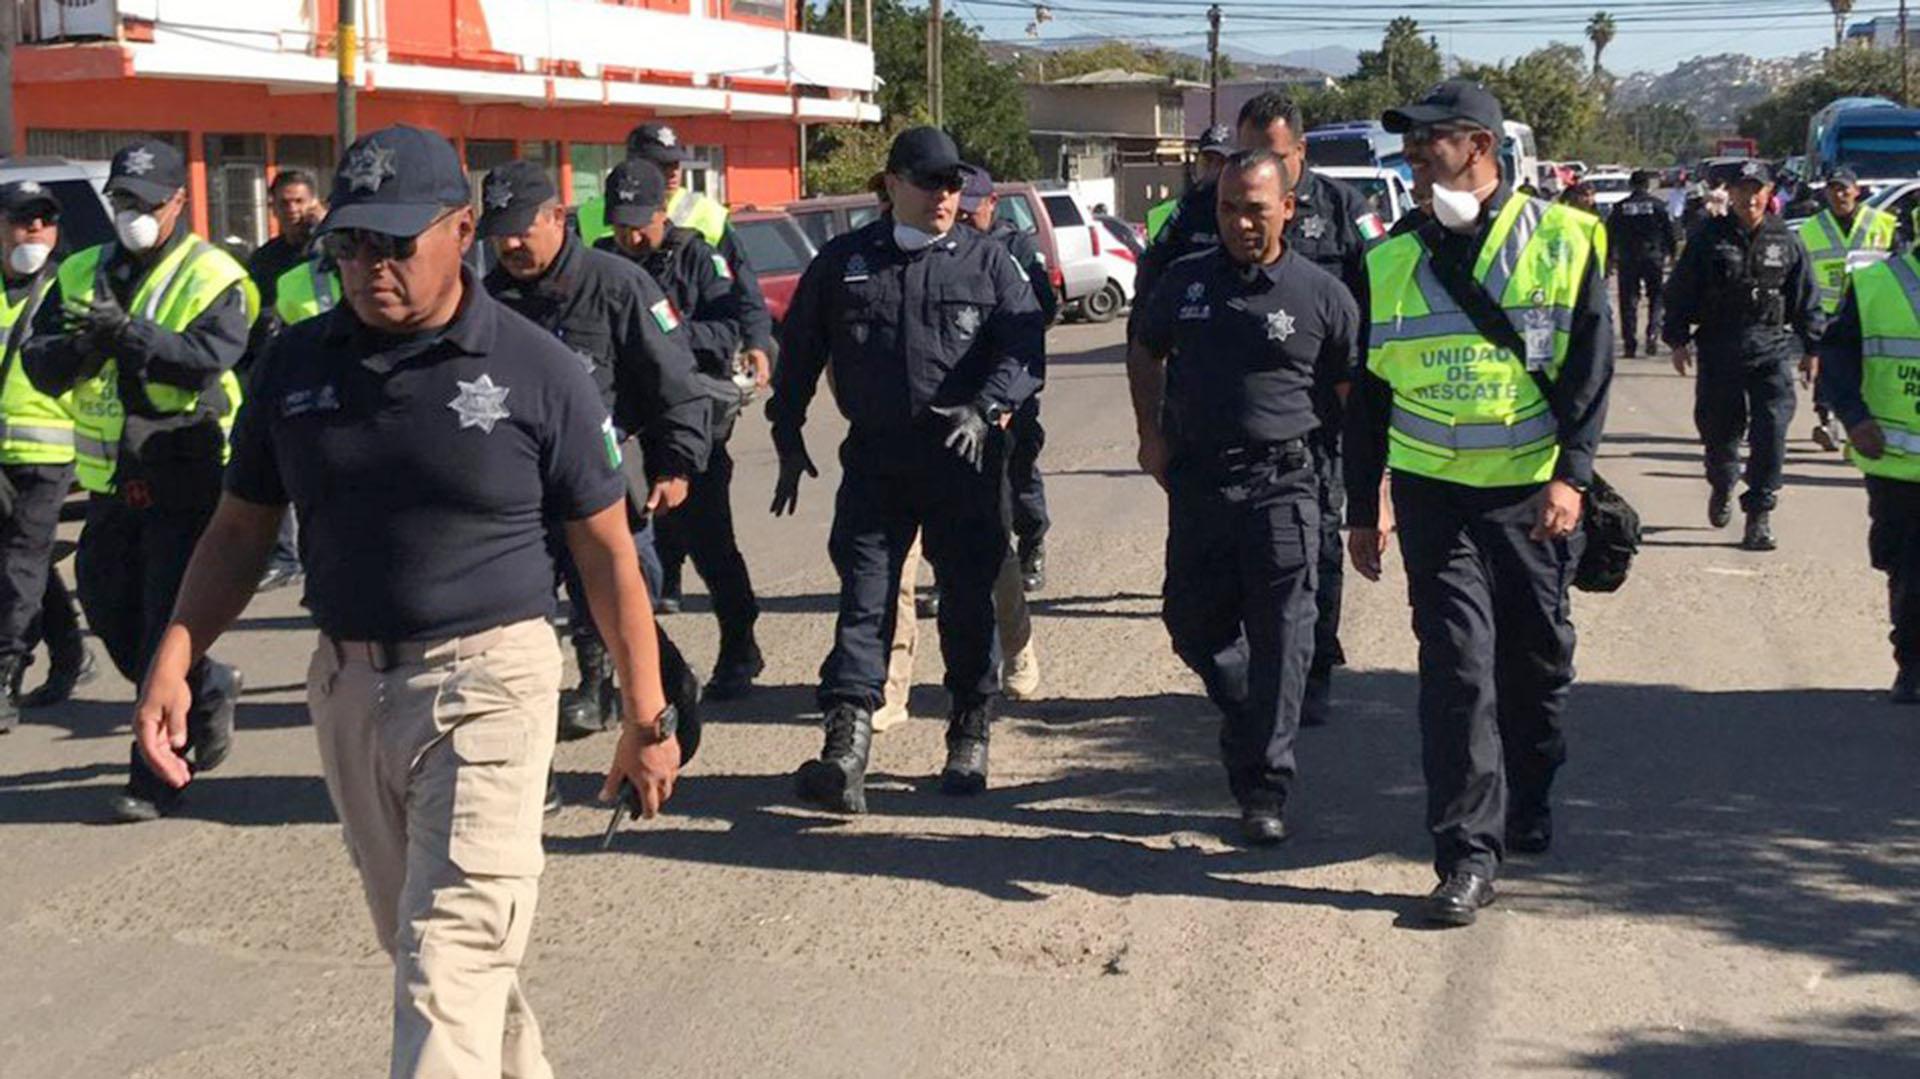 El comisionado de la Policía Federal, Manelich Castilla encabeza las acciones de la corporación en Tijuana. (Foto: Cortesía Milenio)